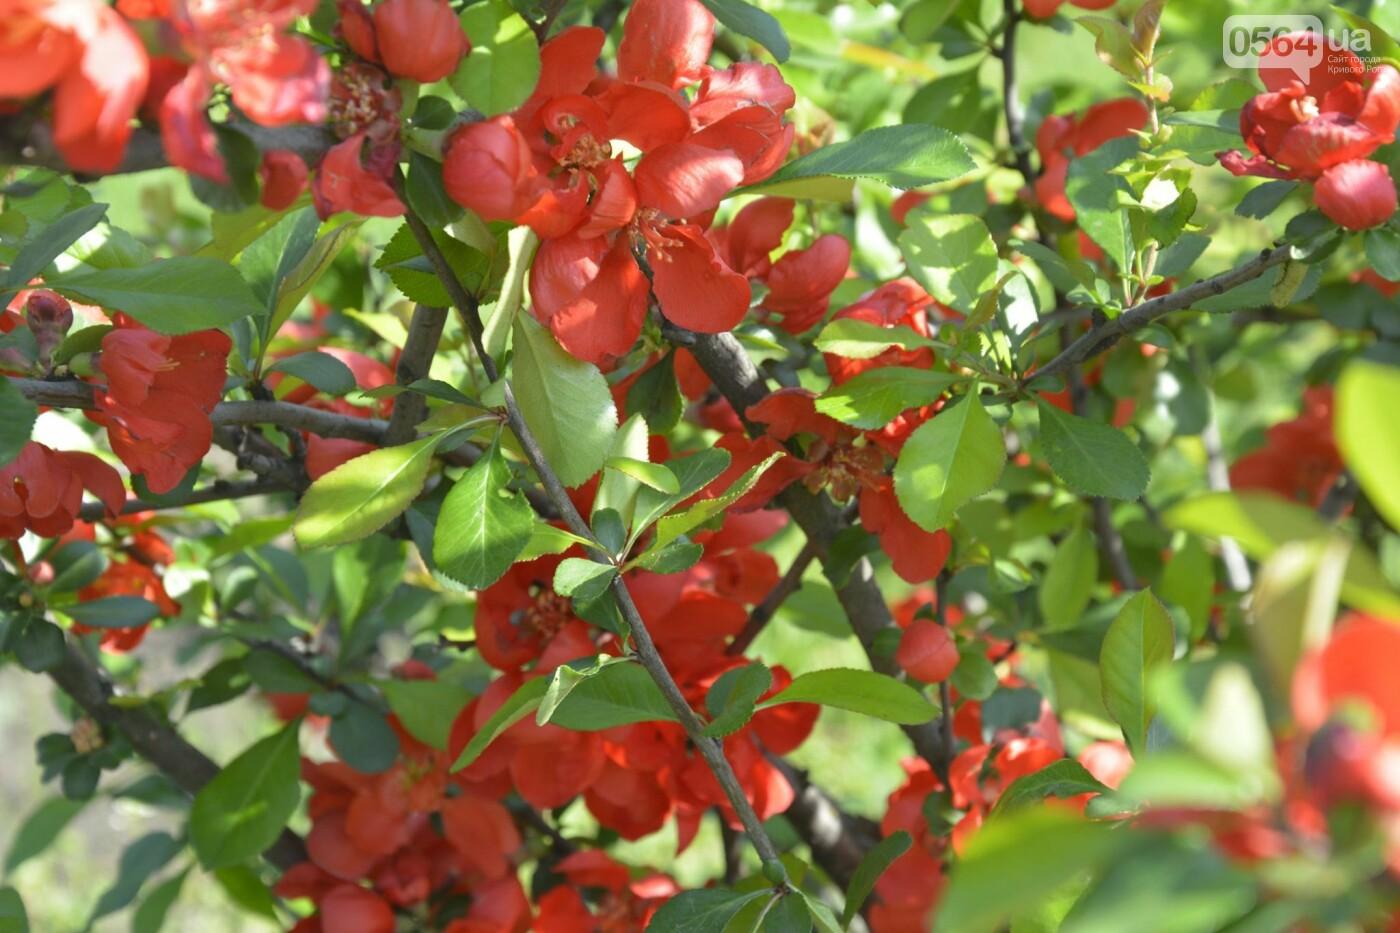 """Коллекция сирени, тюльпан """"Черный кофе"""", барбарис, - как выглядит Криворожский ботанический сад сегодня, - ФОТО, фото-2"""